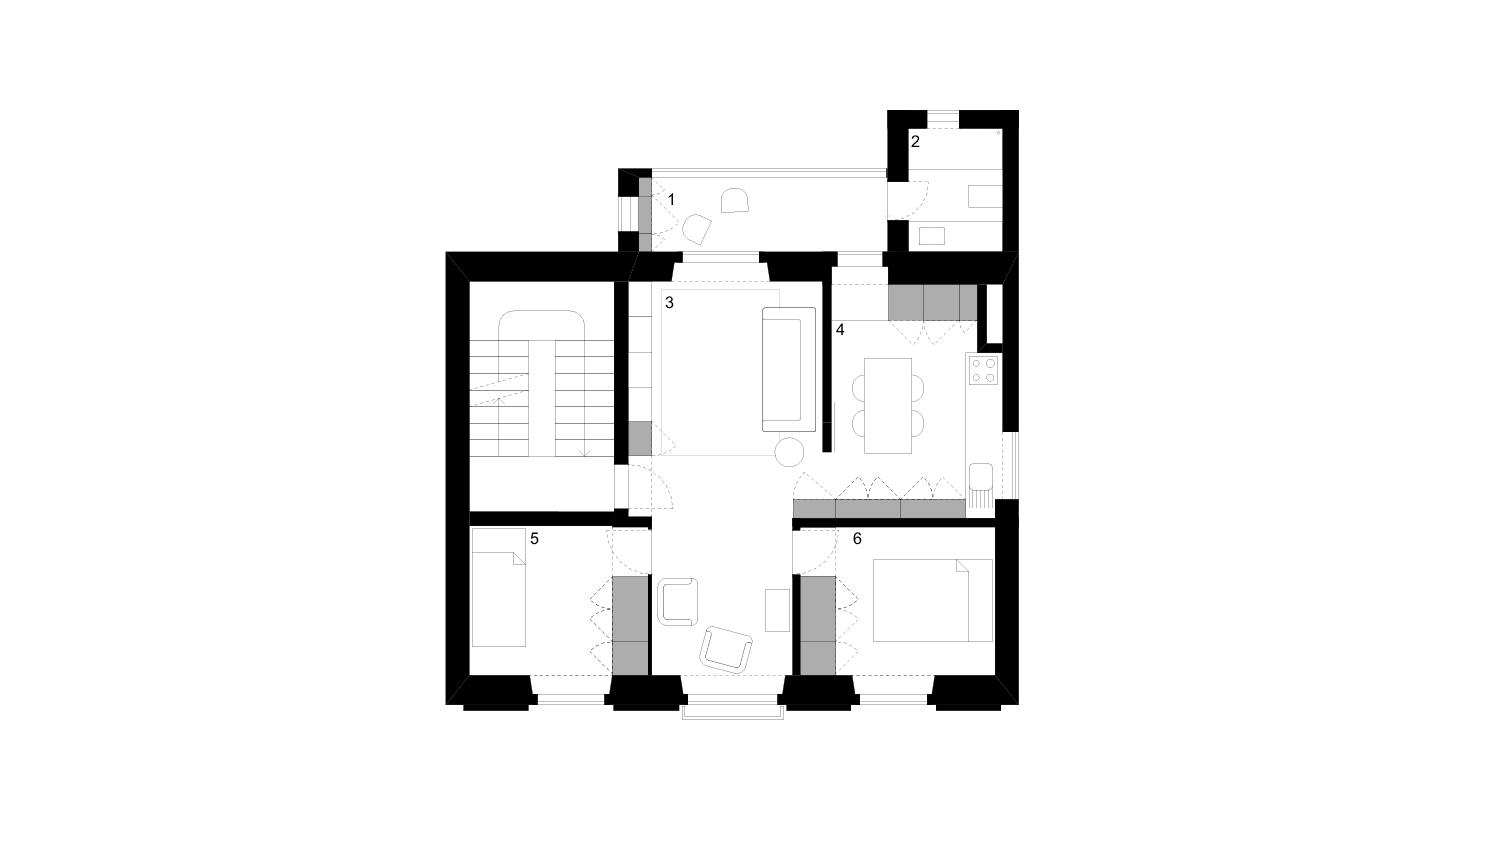 FLOOR PLAN _ 1 winter garden . 2 bathroom . 3 living room . 4 kitchen . 5 bedroom . 6 master bedroom